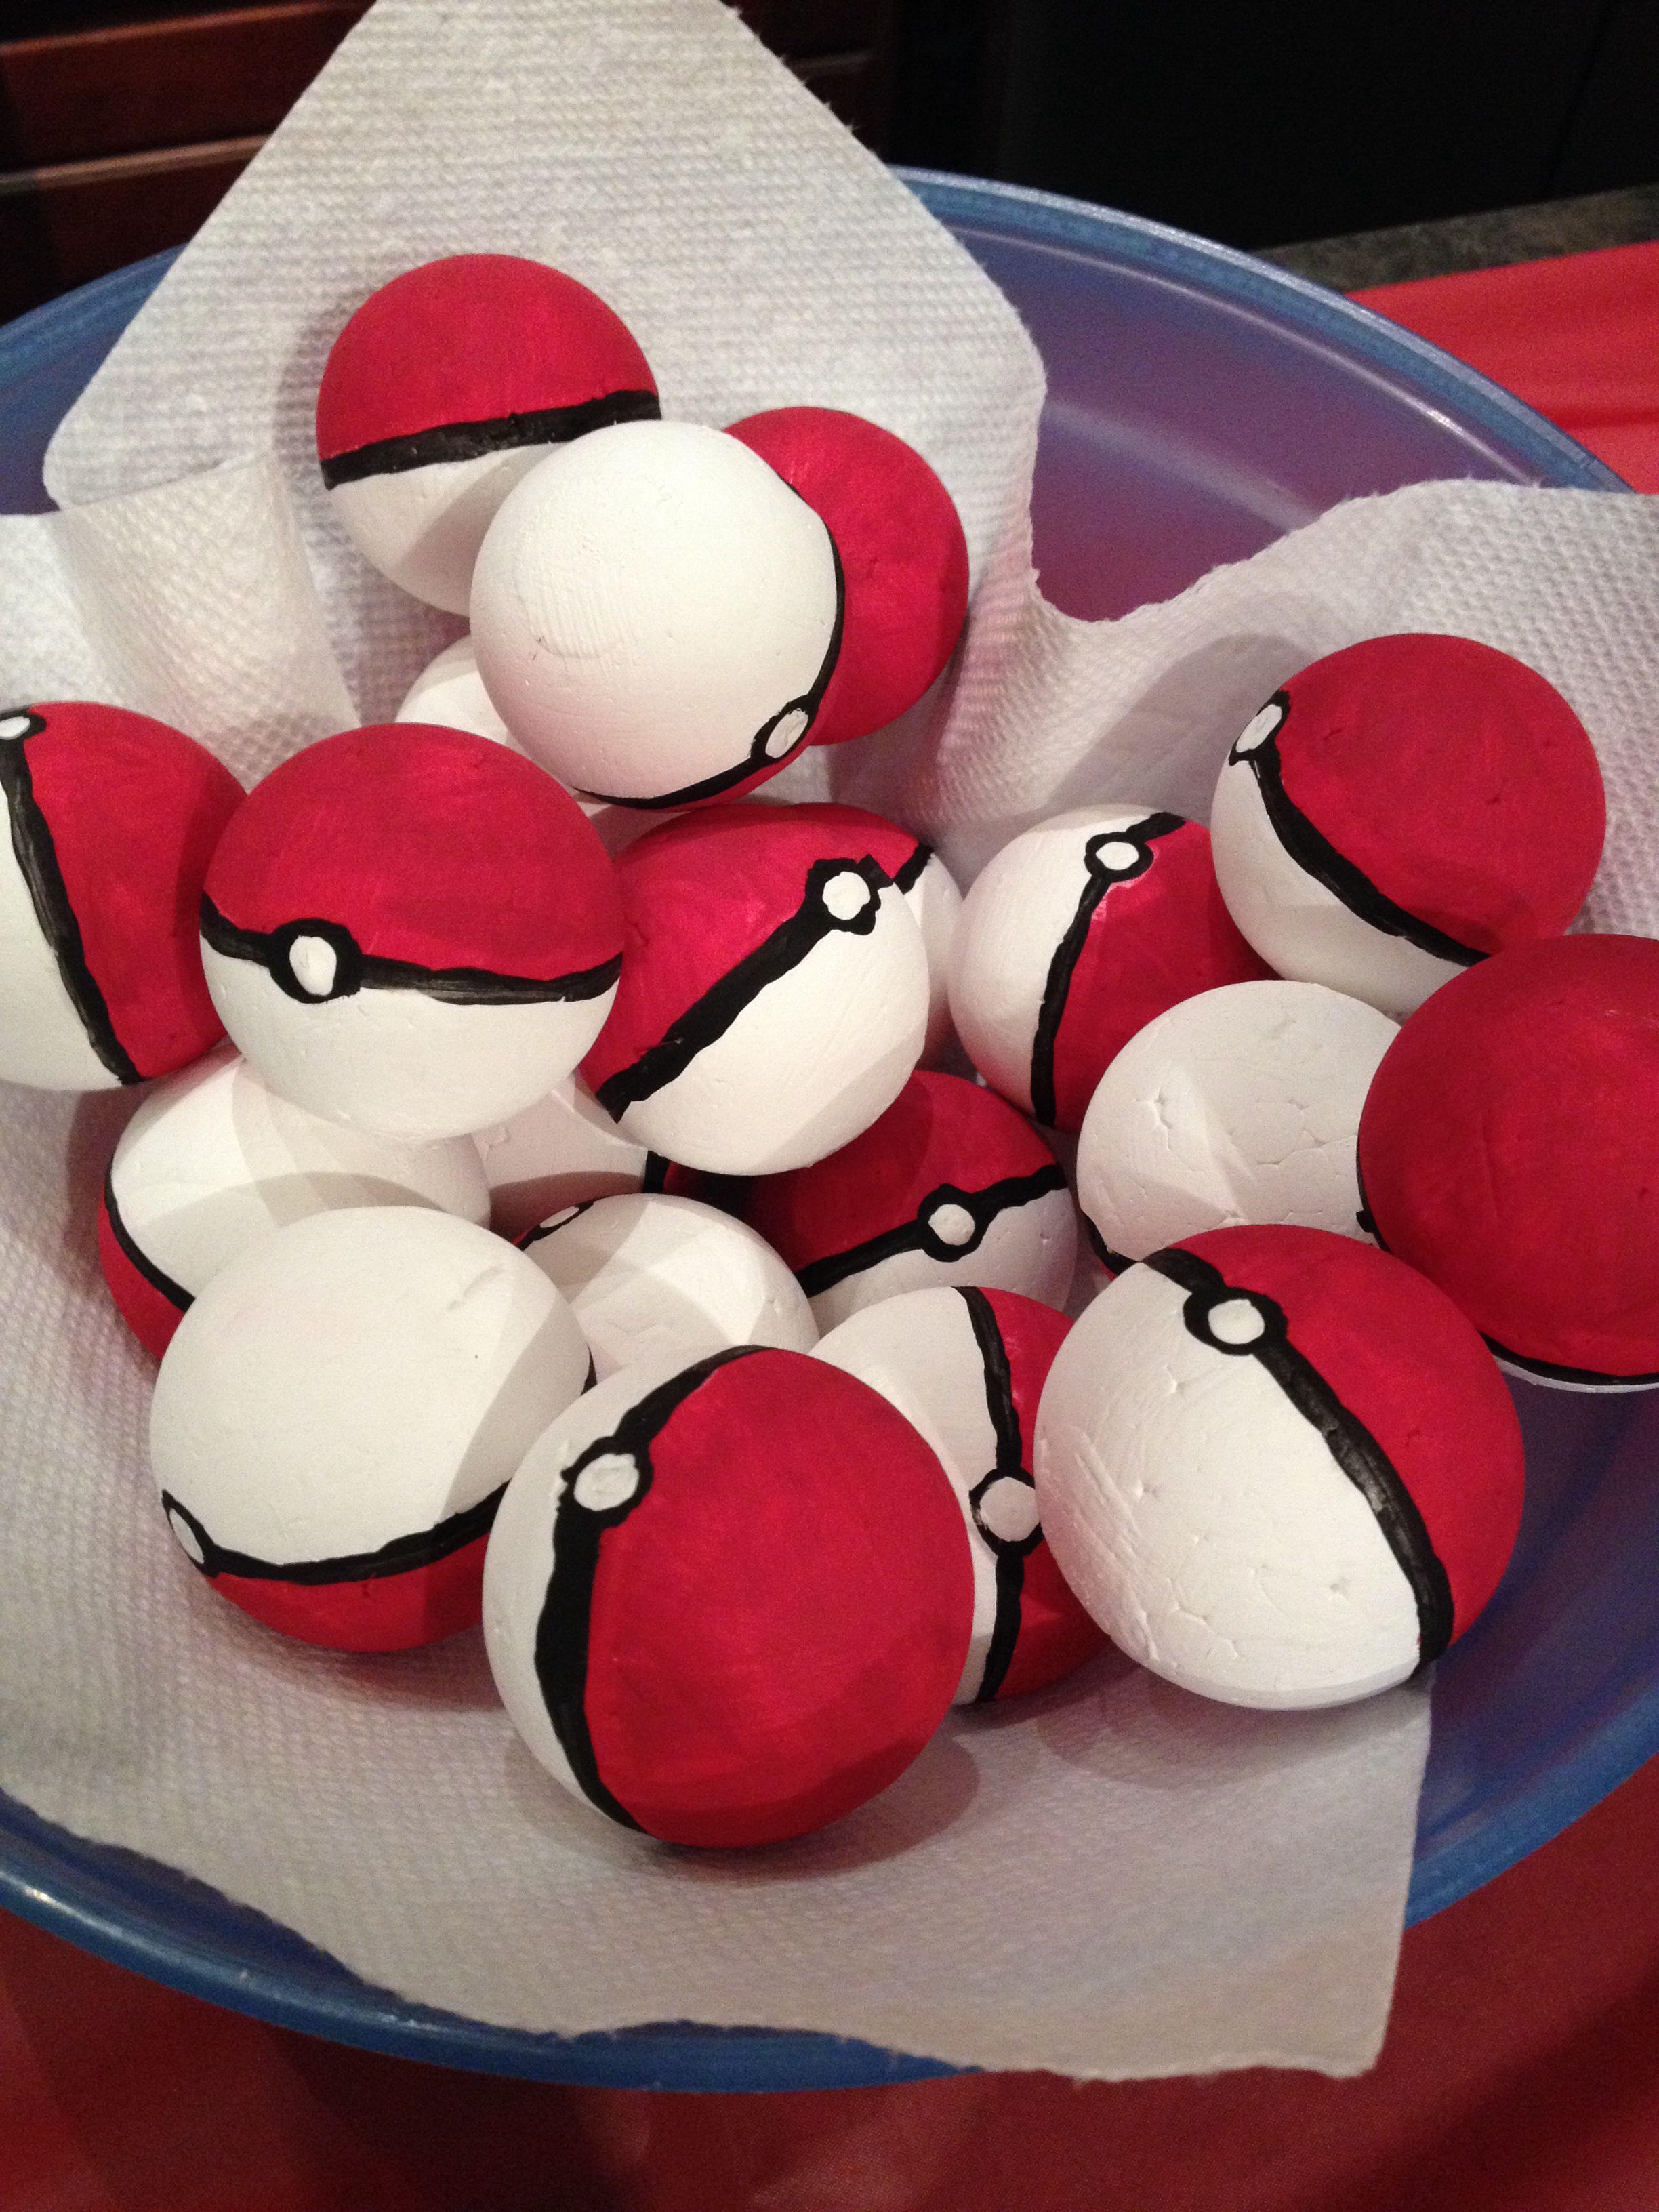 Virtual Pokémon Club: Pokeball Craft